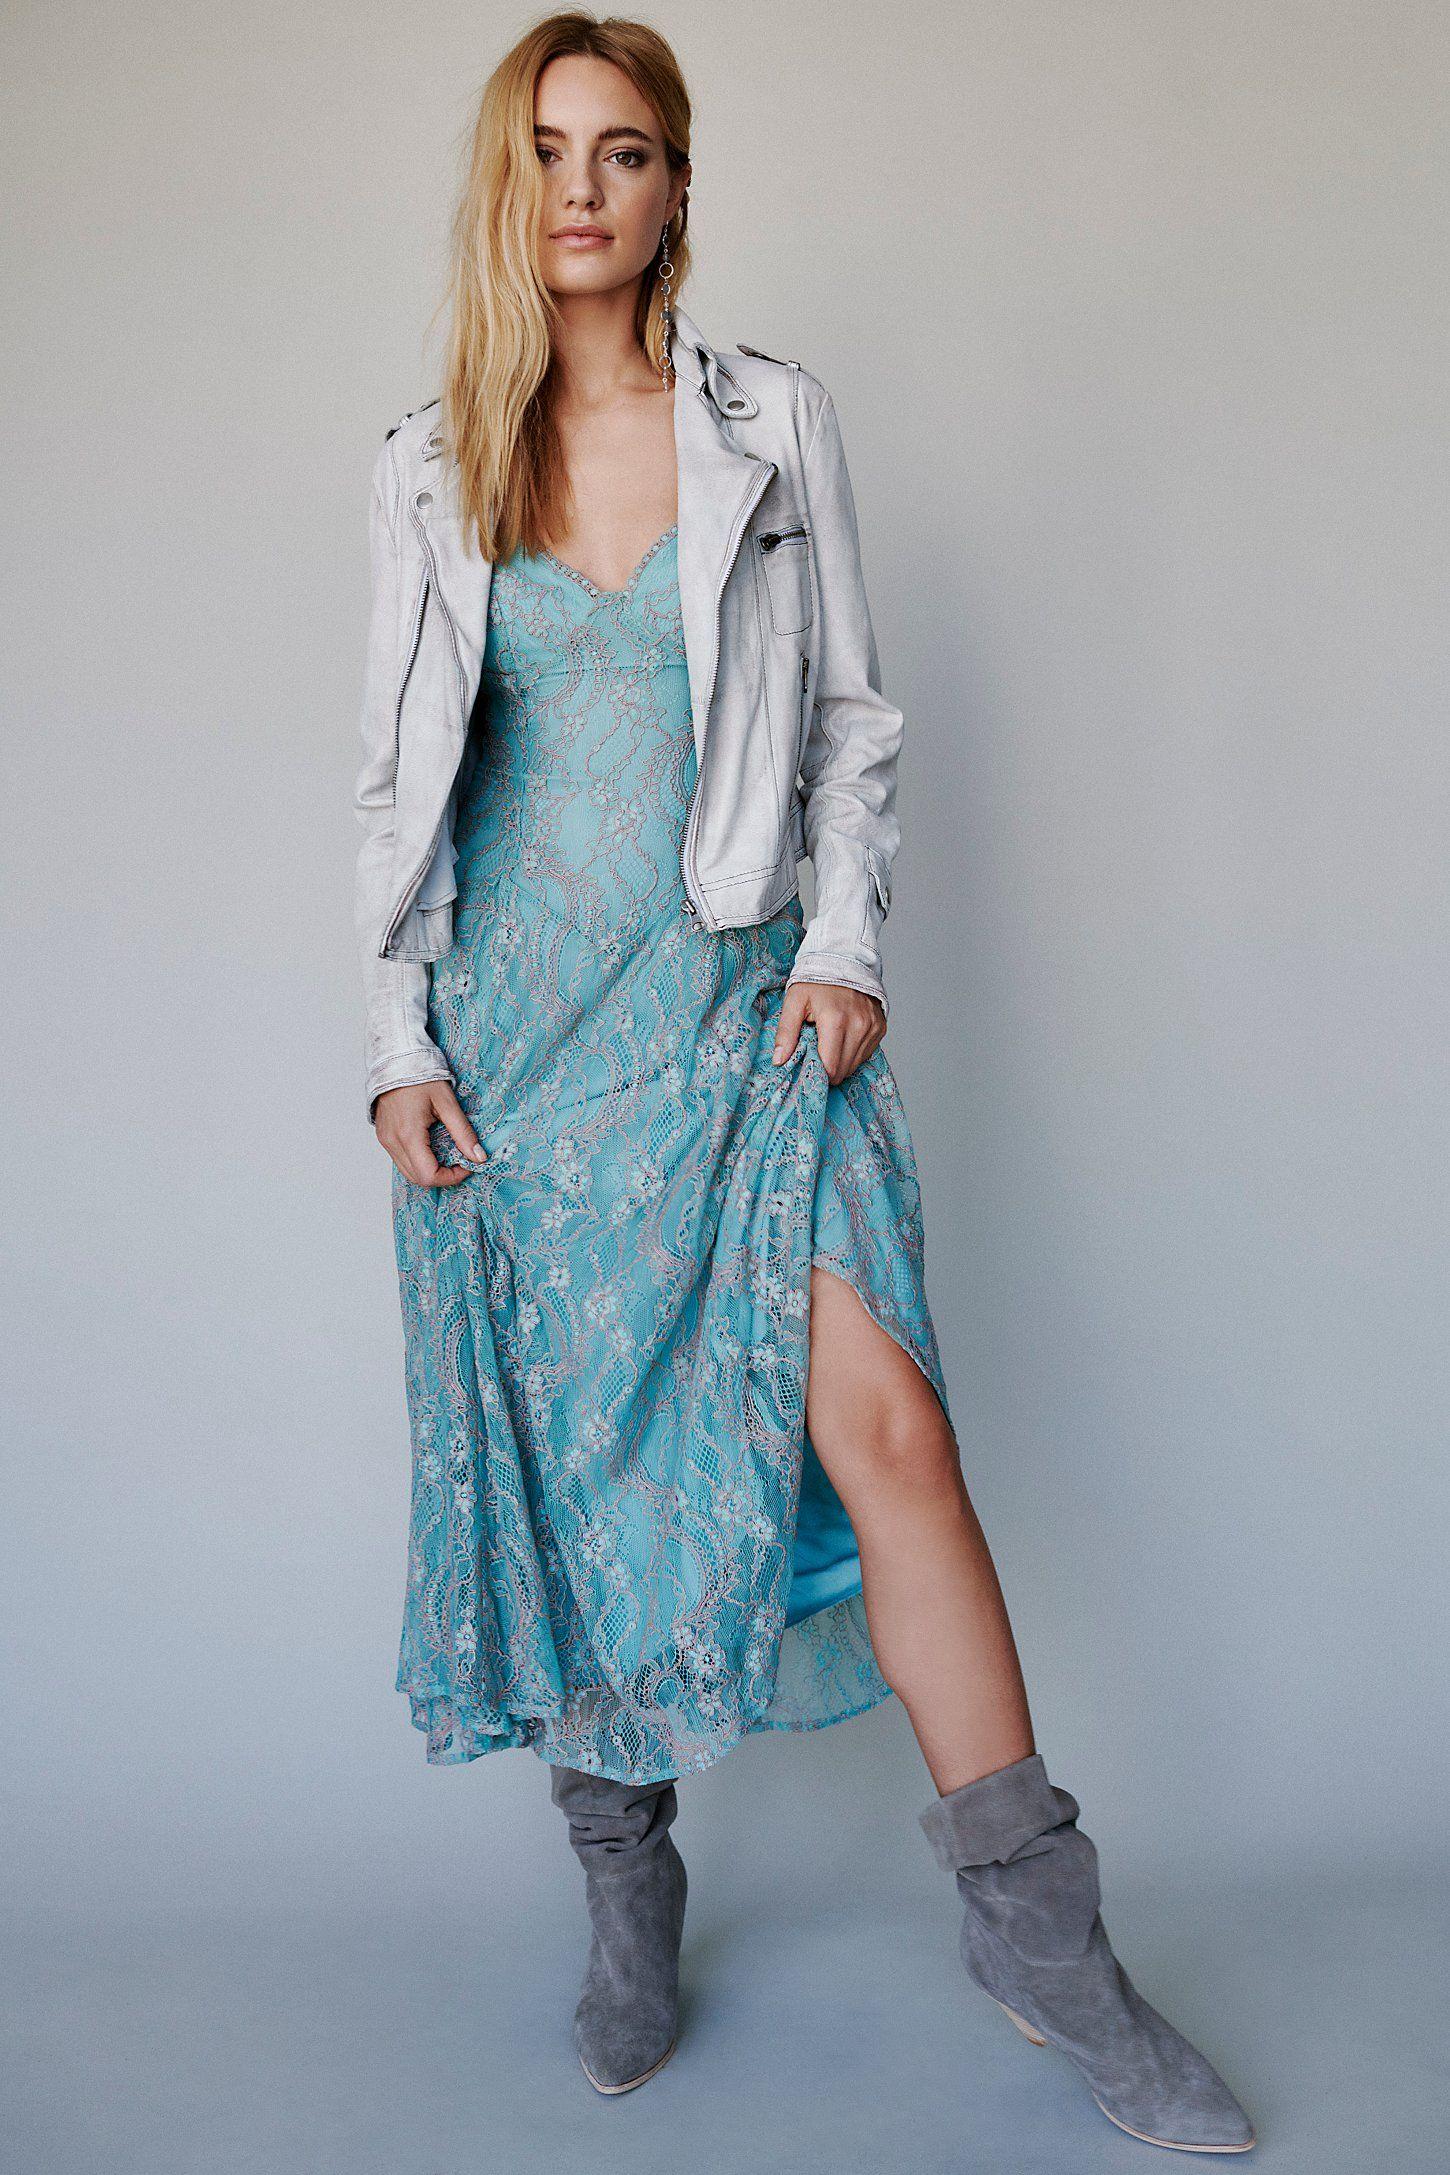 0504c4b1f5ed Moon River Lace Midi Dress